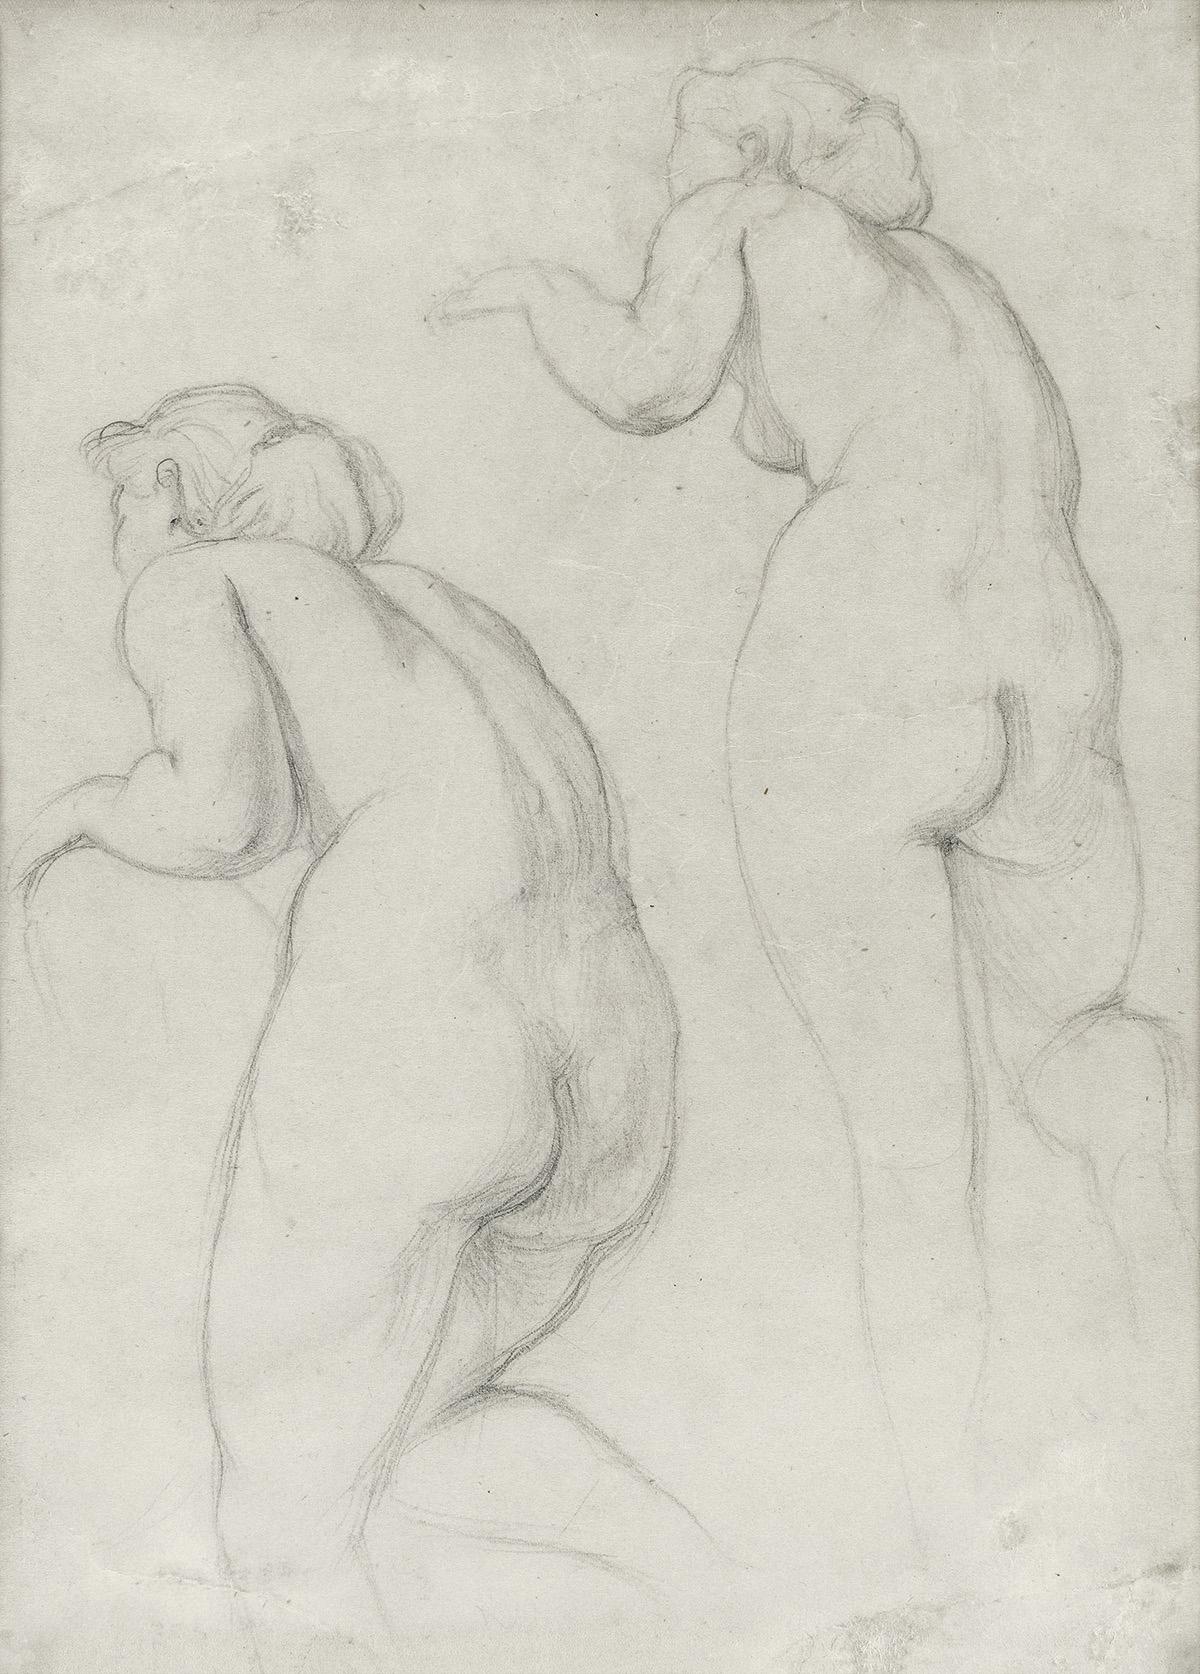 HENRI FANTIN-LATOUR Études de femmes nue.